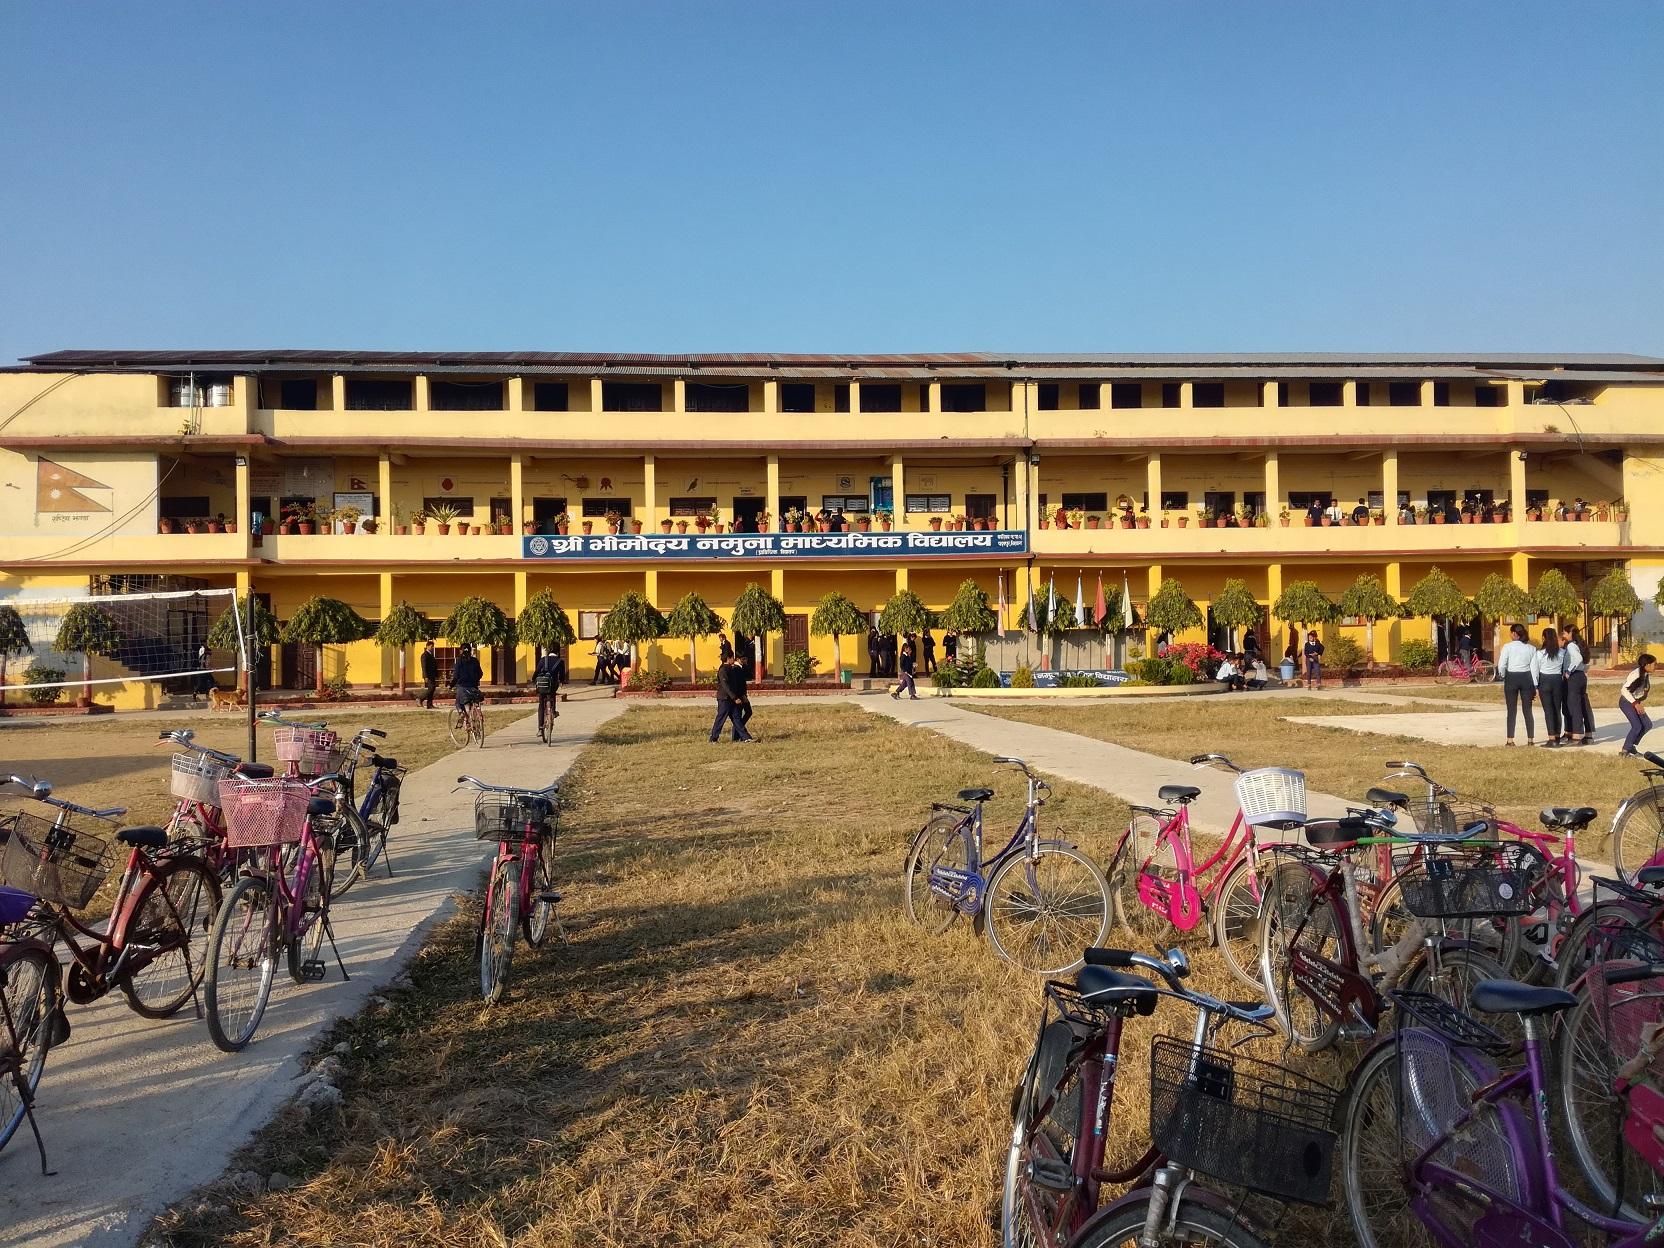 Bhimodaya